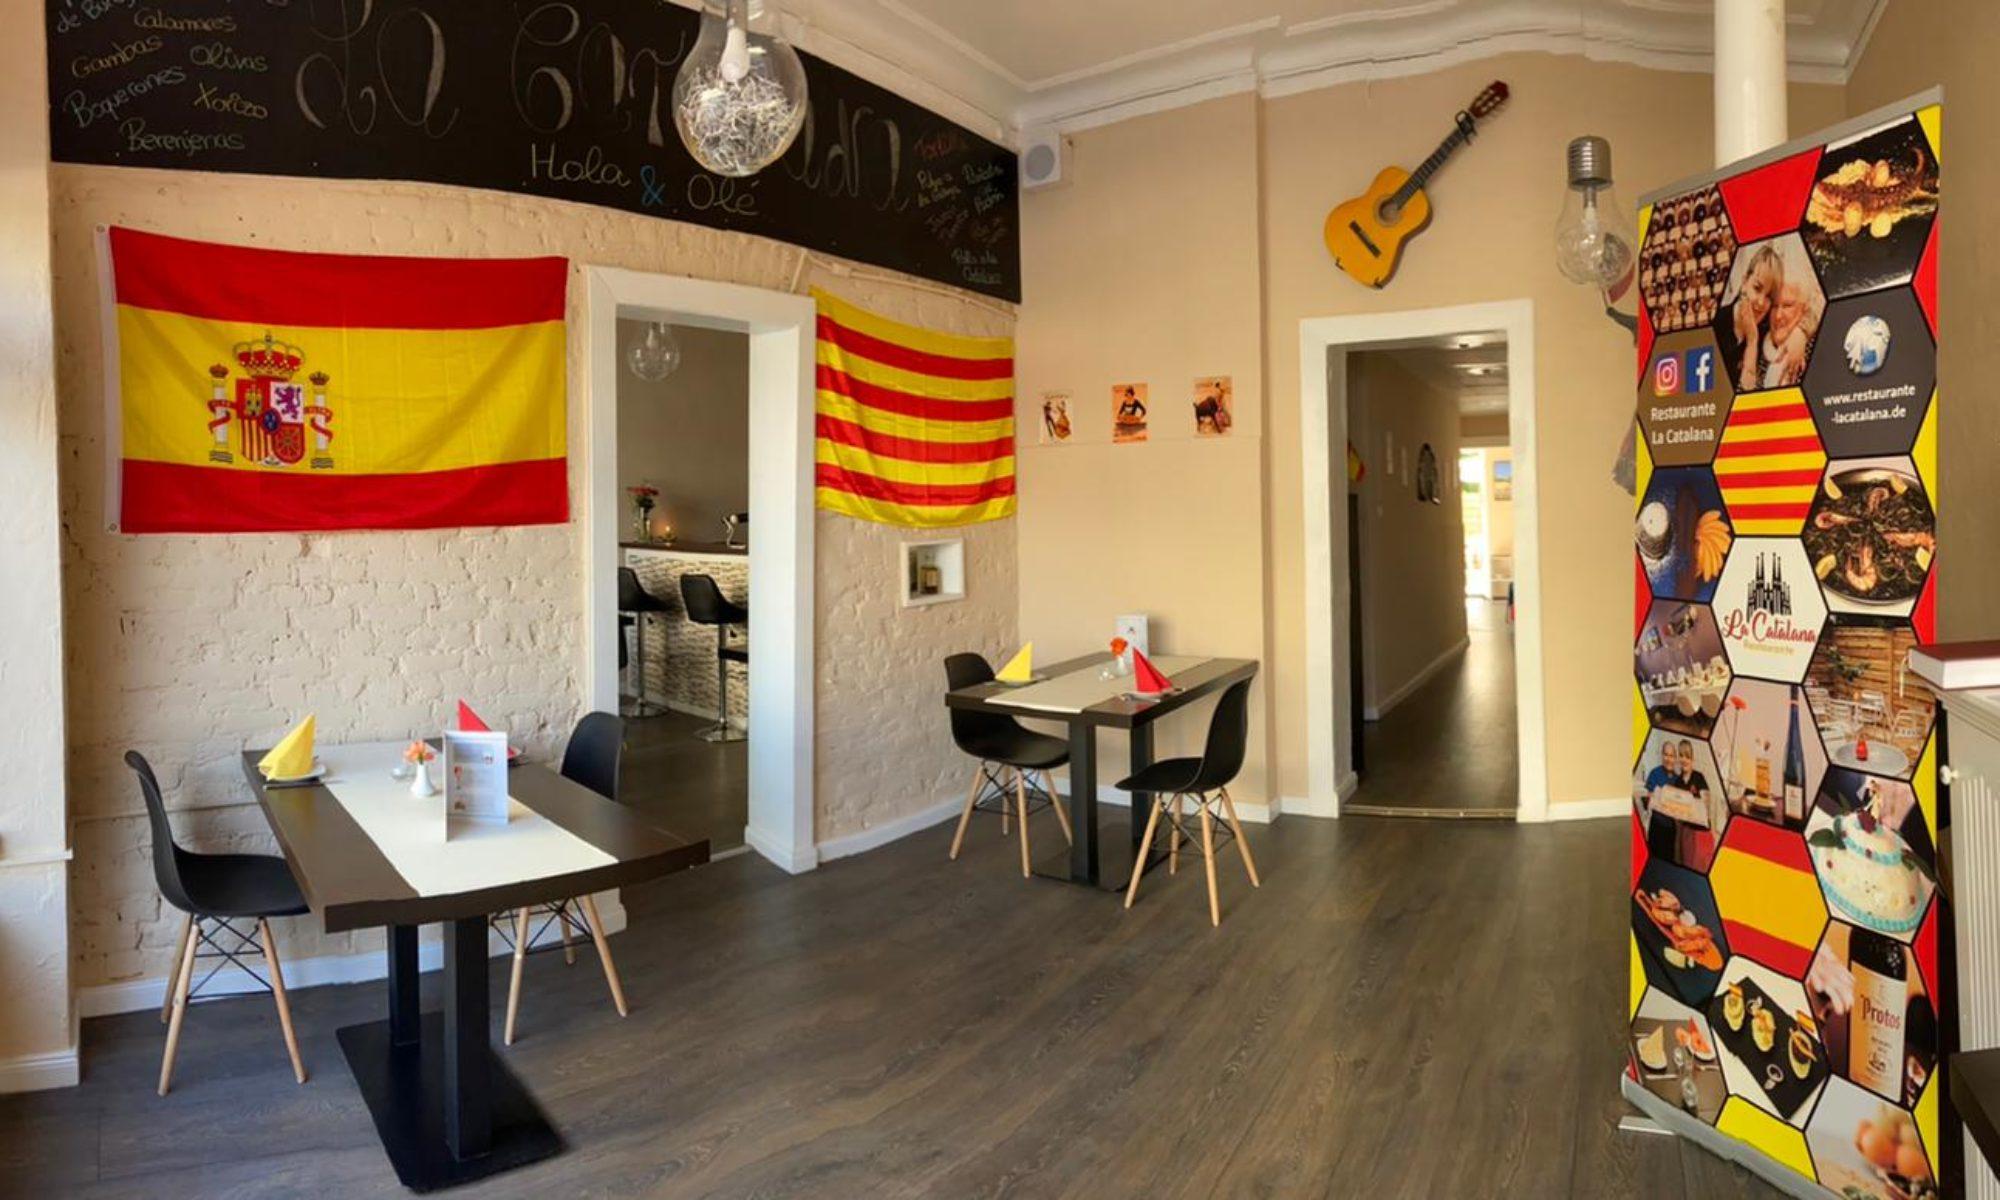 Restaurante La Catalana